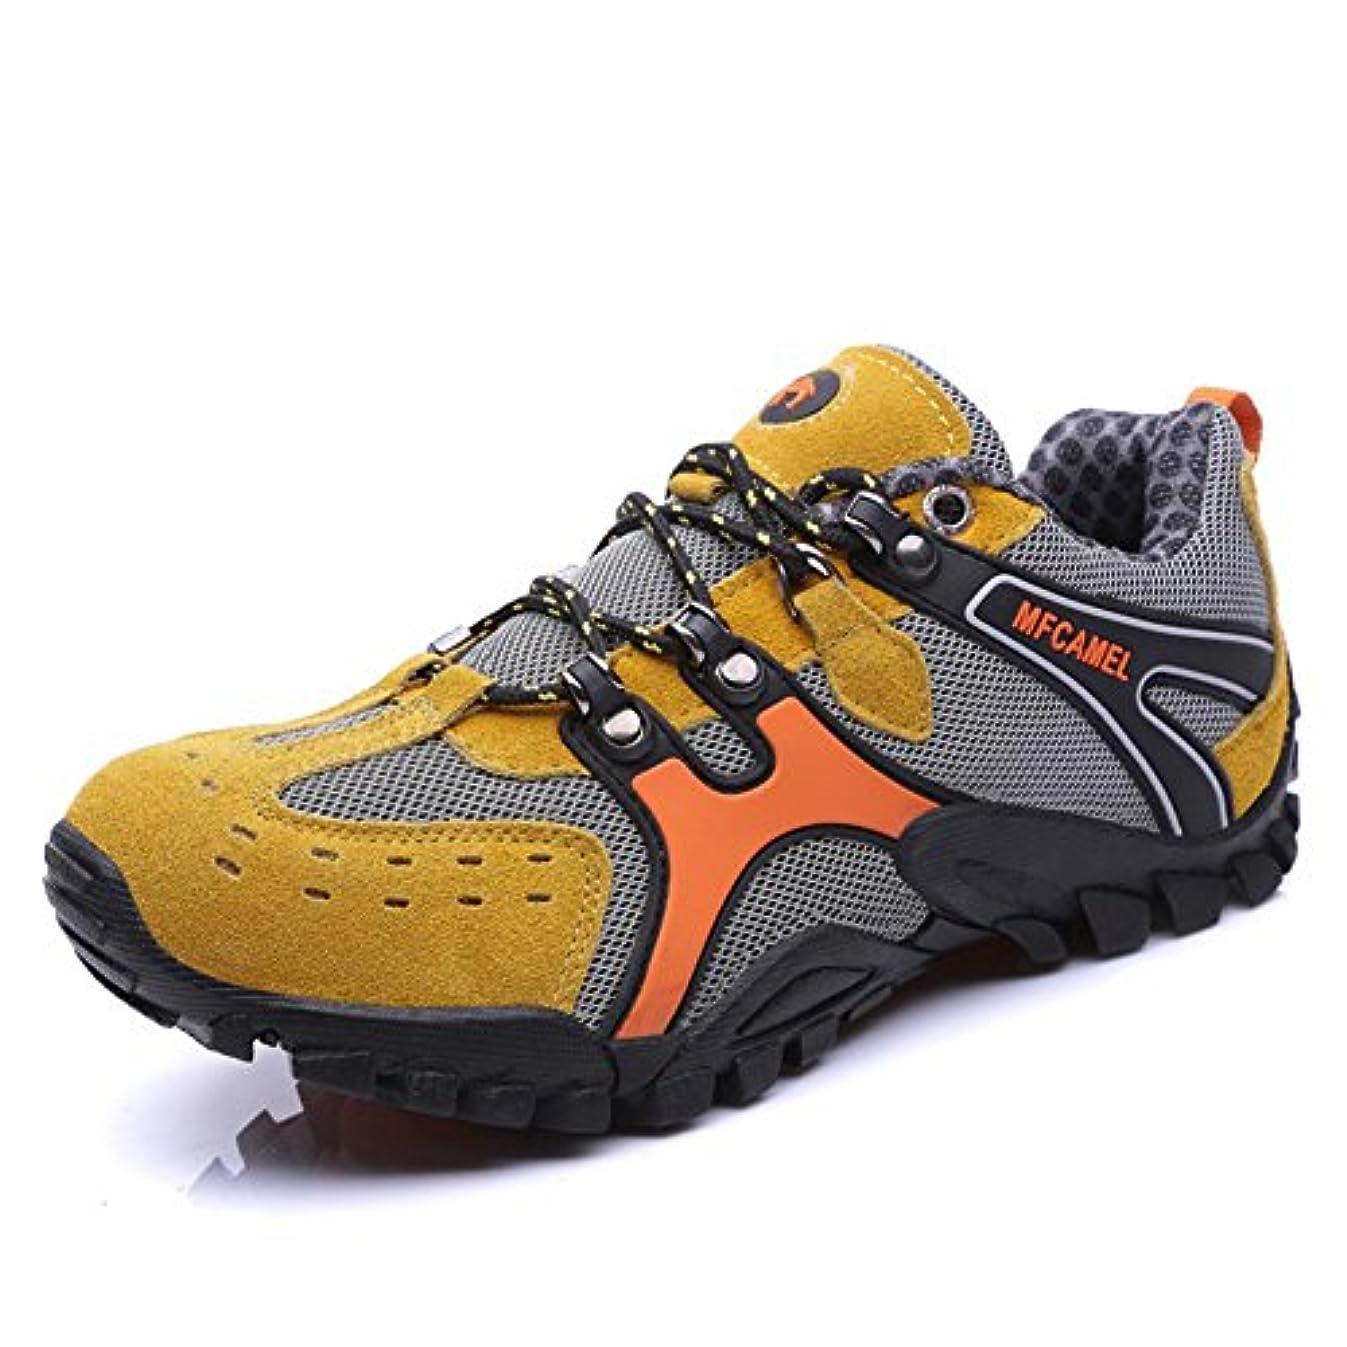 レジデンス洪水分類Largeshop メンズ トレッキングシューズ アウトドアシューズ 登山靴 軽量 ウォーキングシューズ ハイキング ハイカット 滑りにくい スニーカー(イエロー,25.5cm)